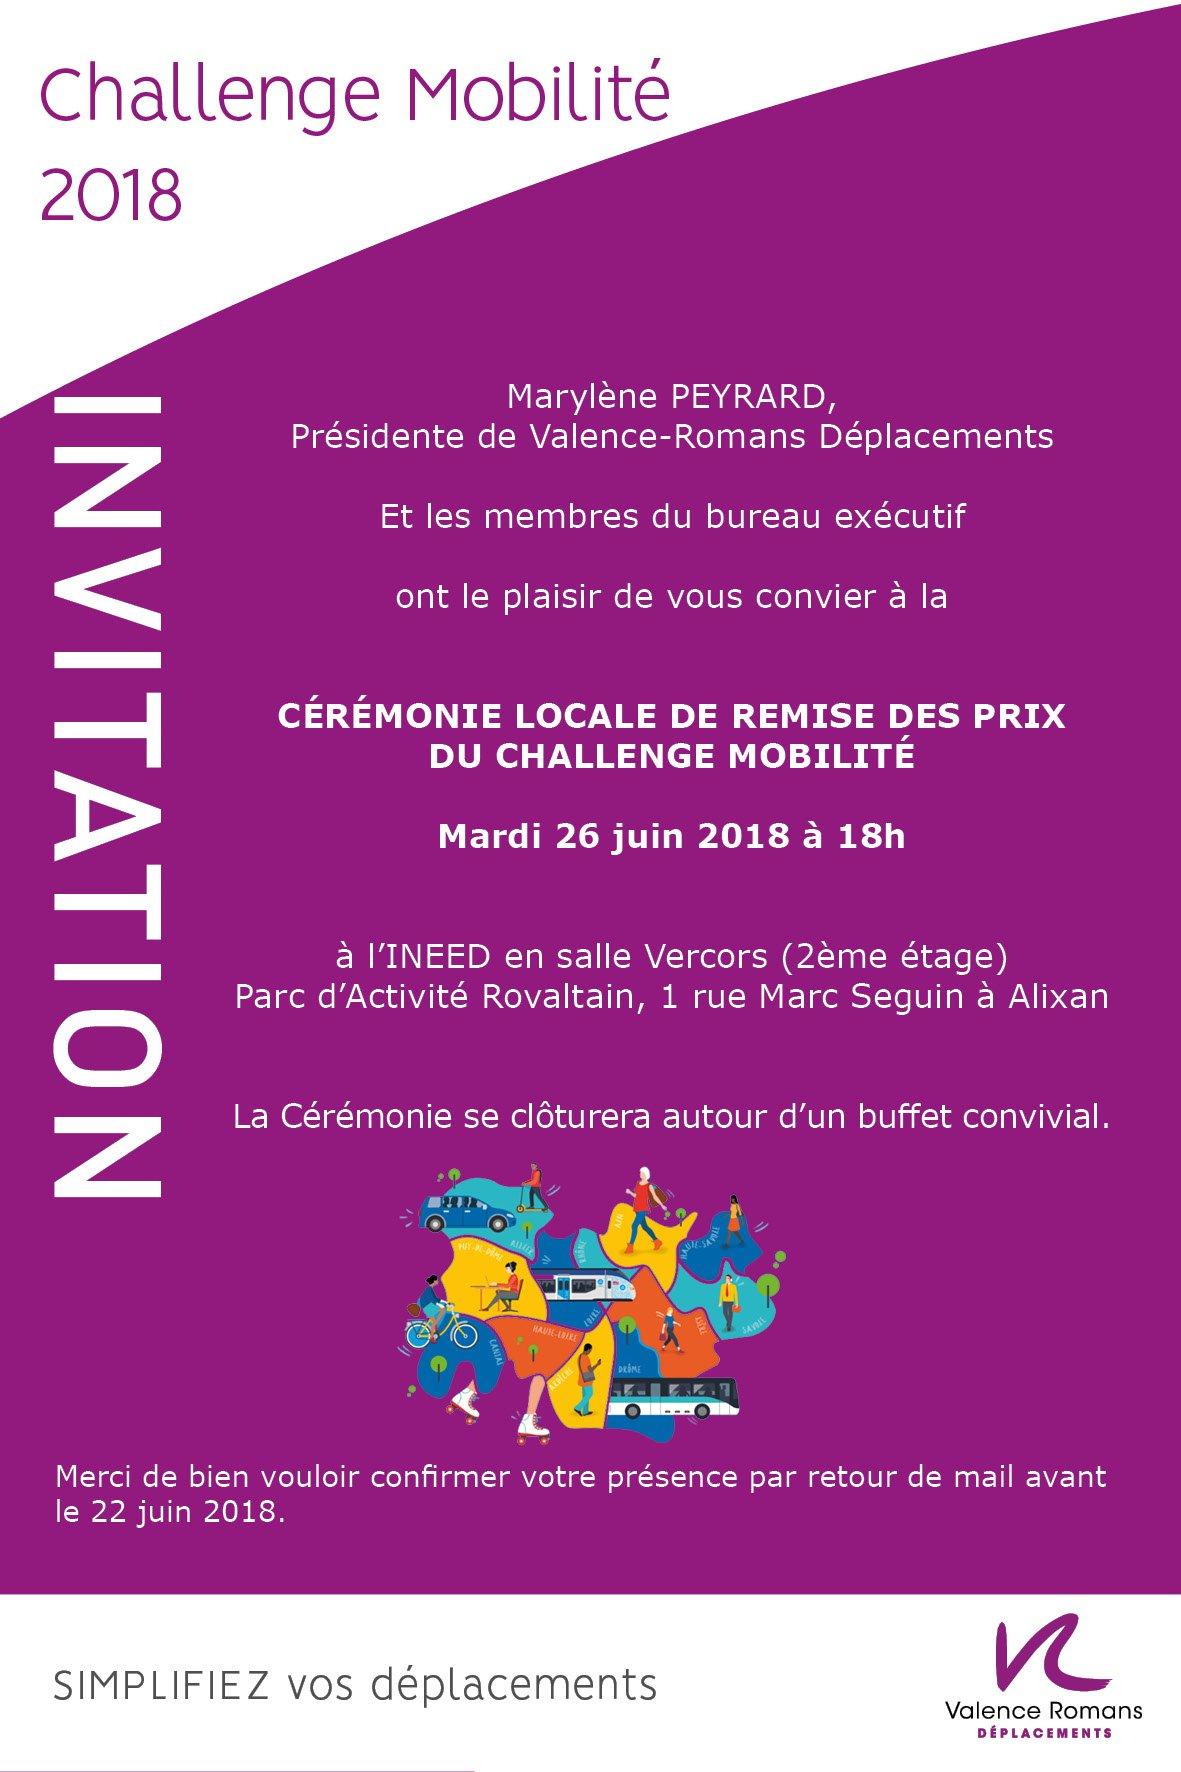 Invitation de Valence Romans Déplacements à la Cérémonie locale